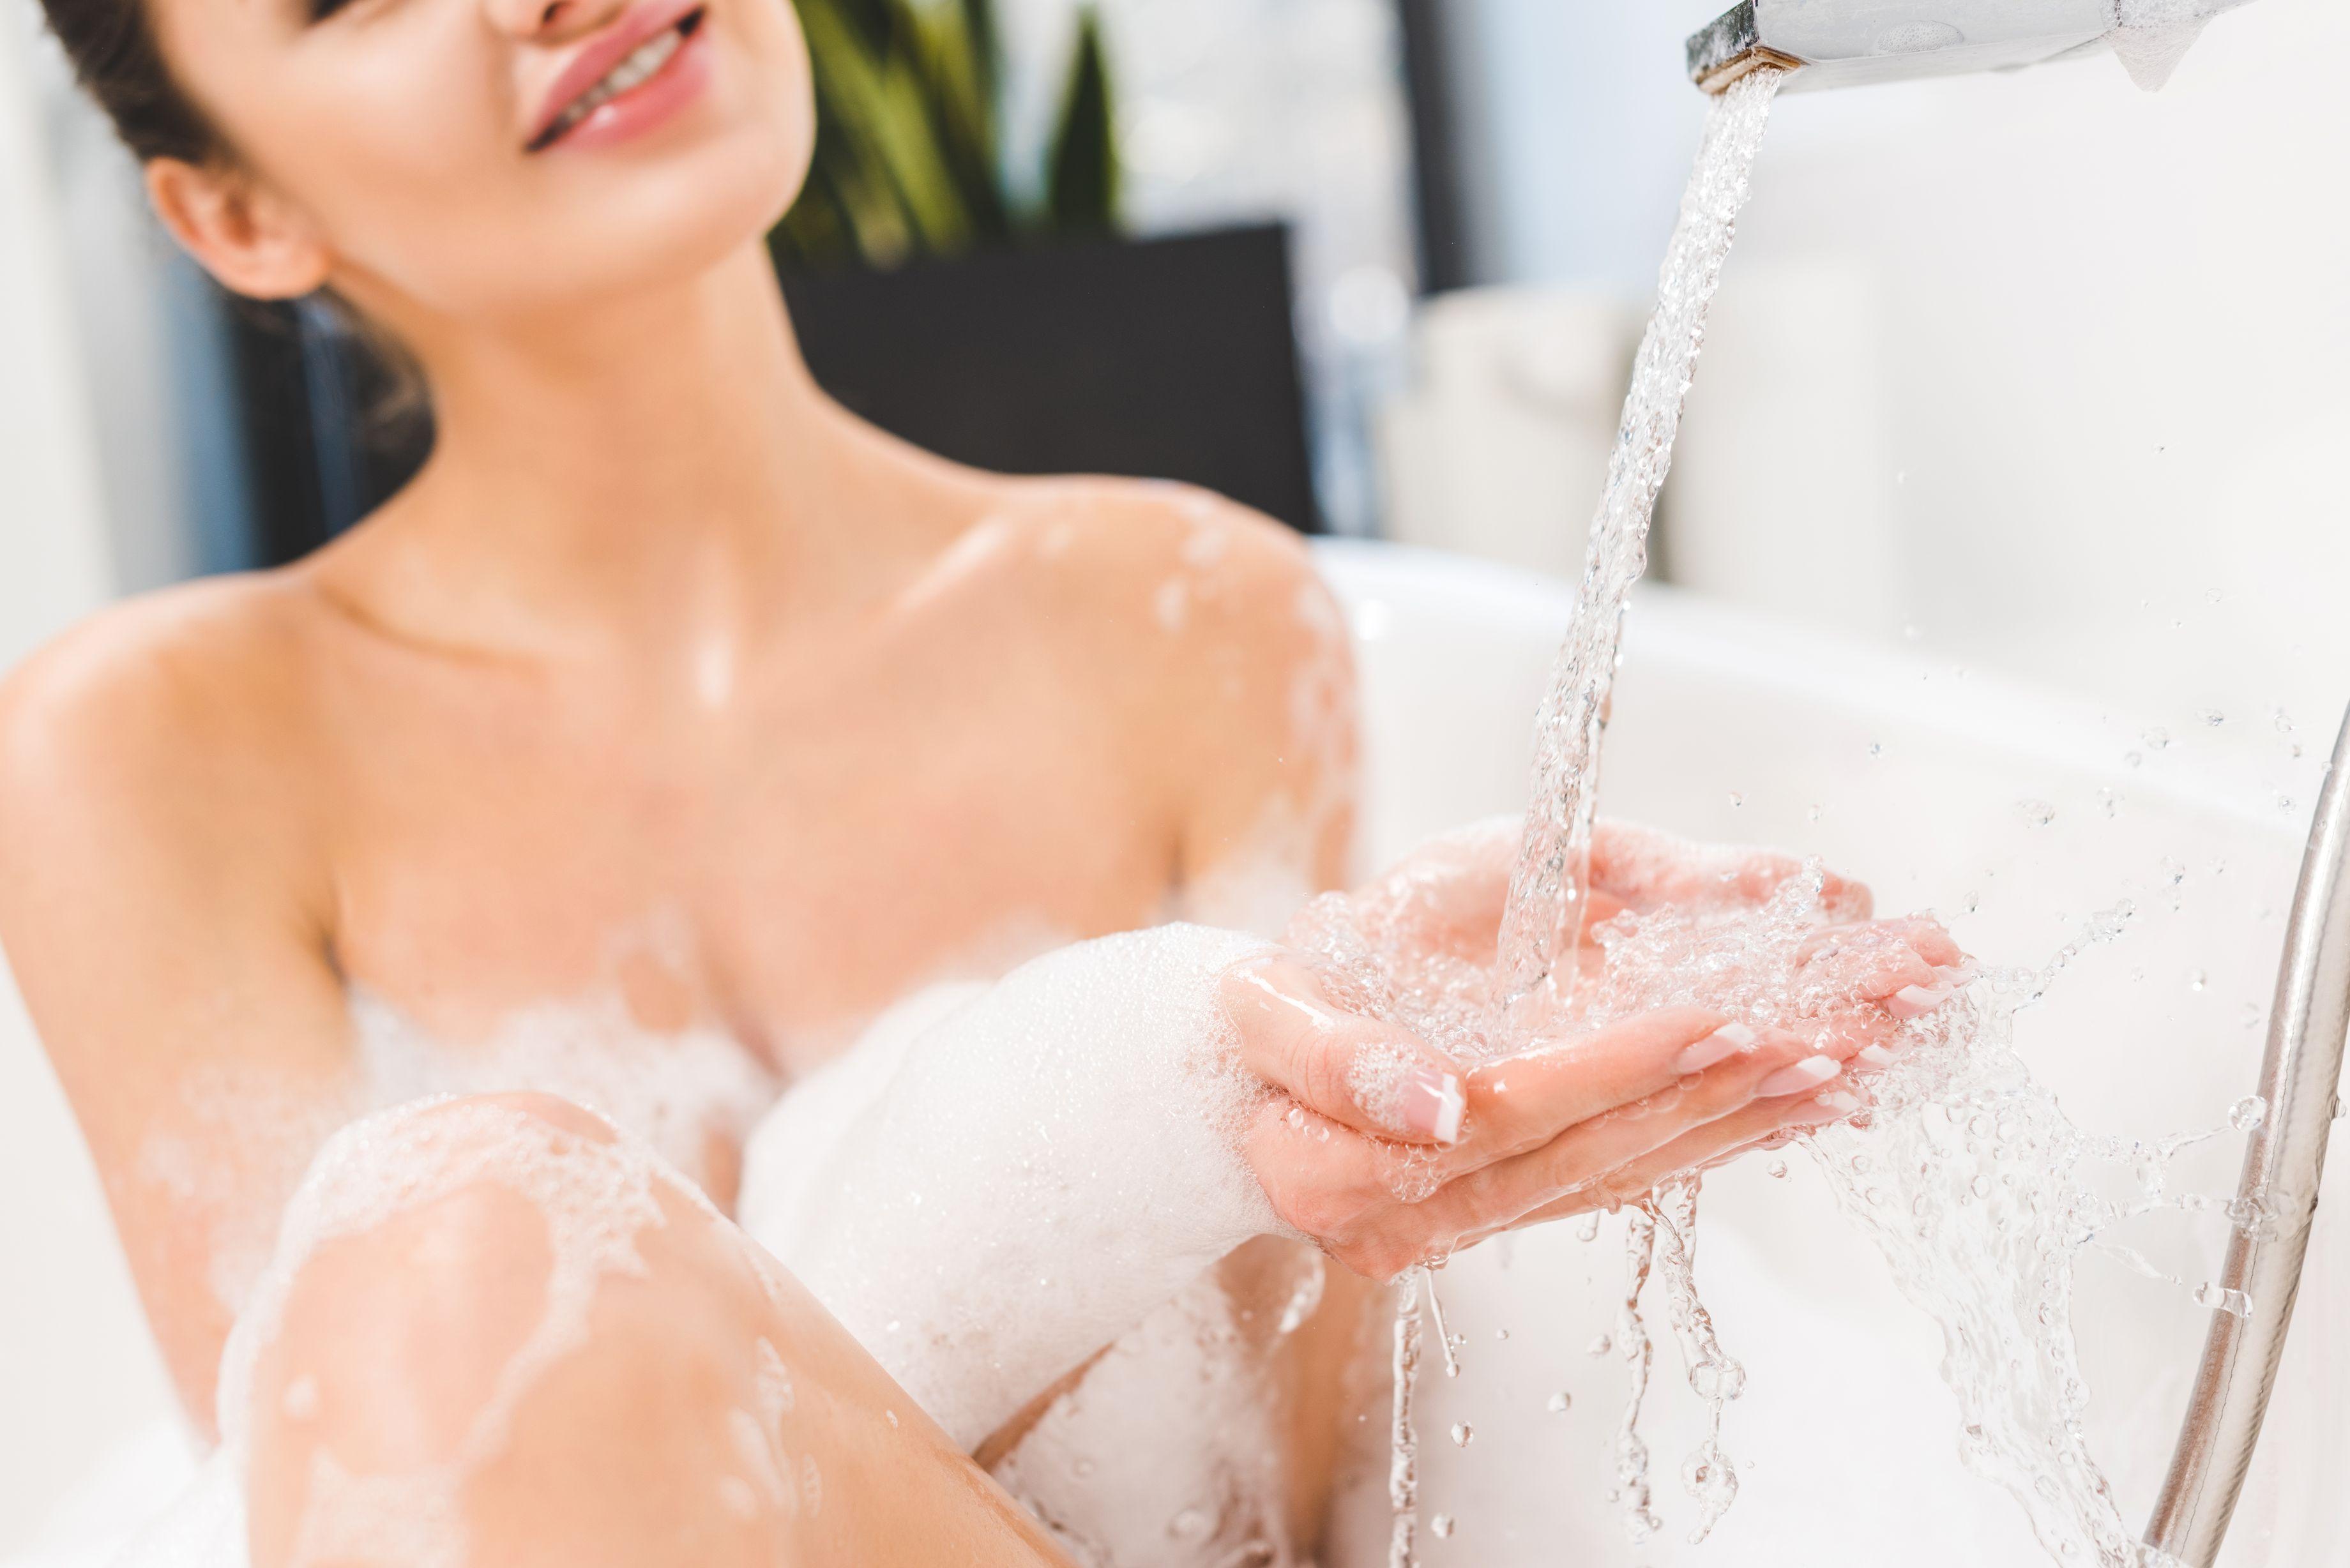 Una donna in vasca con il rubinetto dell'acqua aperto